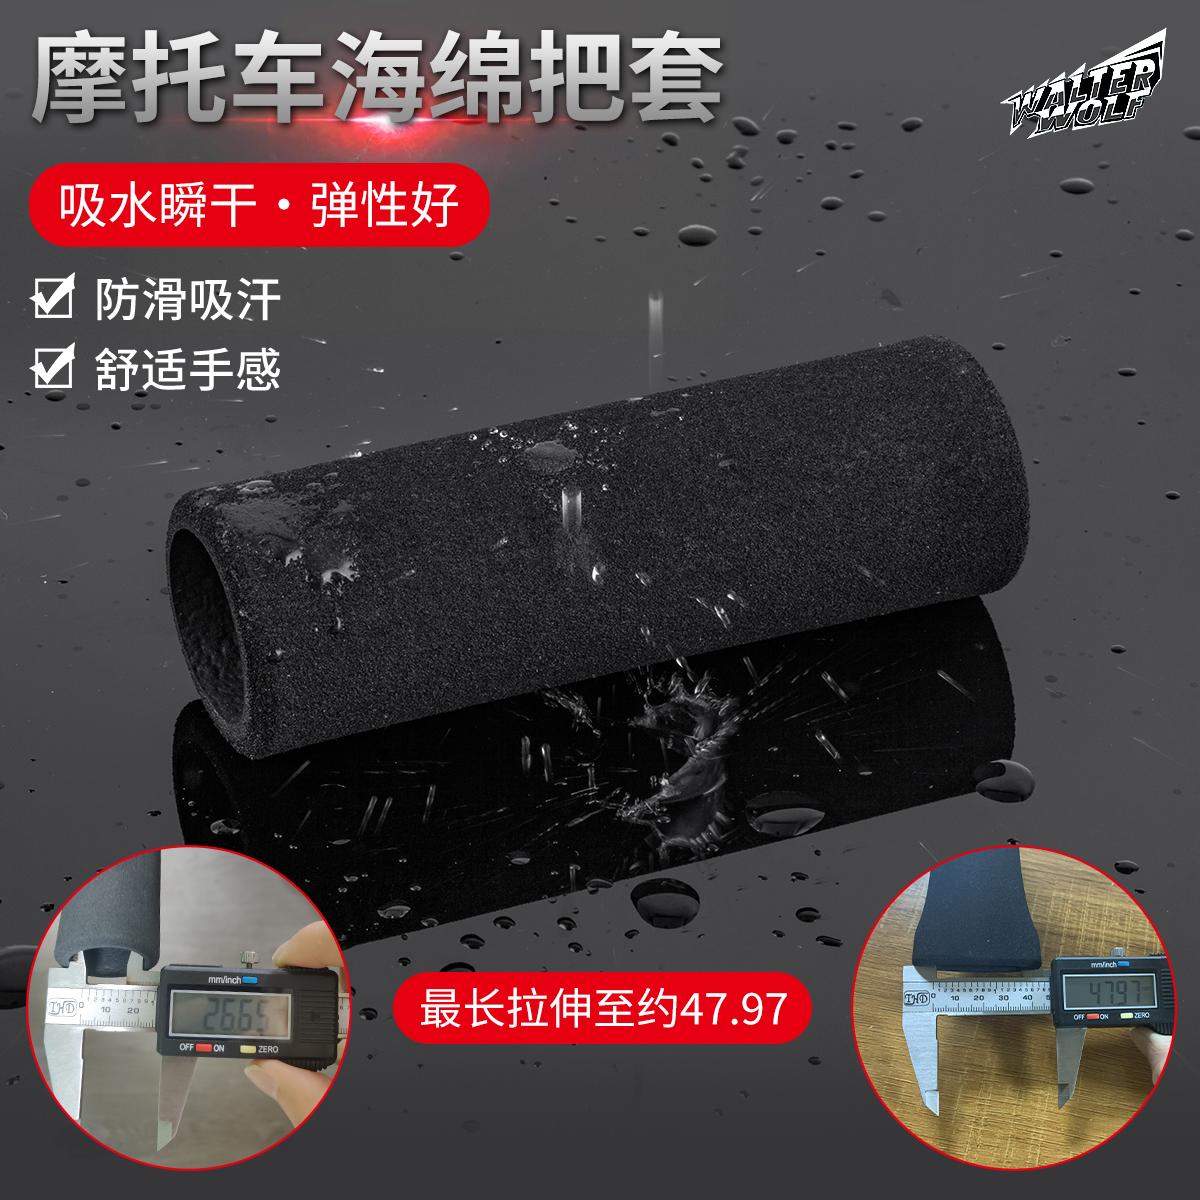 Sponge set of general purpose locomotive electric car accessories cow horn brake sleeve anti-slip sweat-absorbing waterproof soft handle set